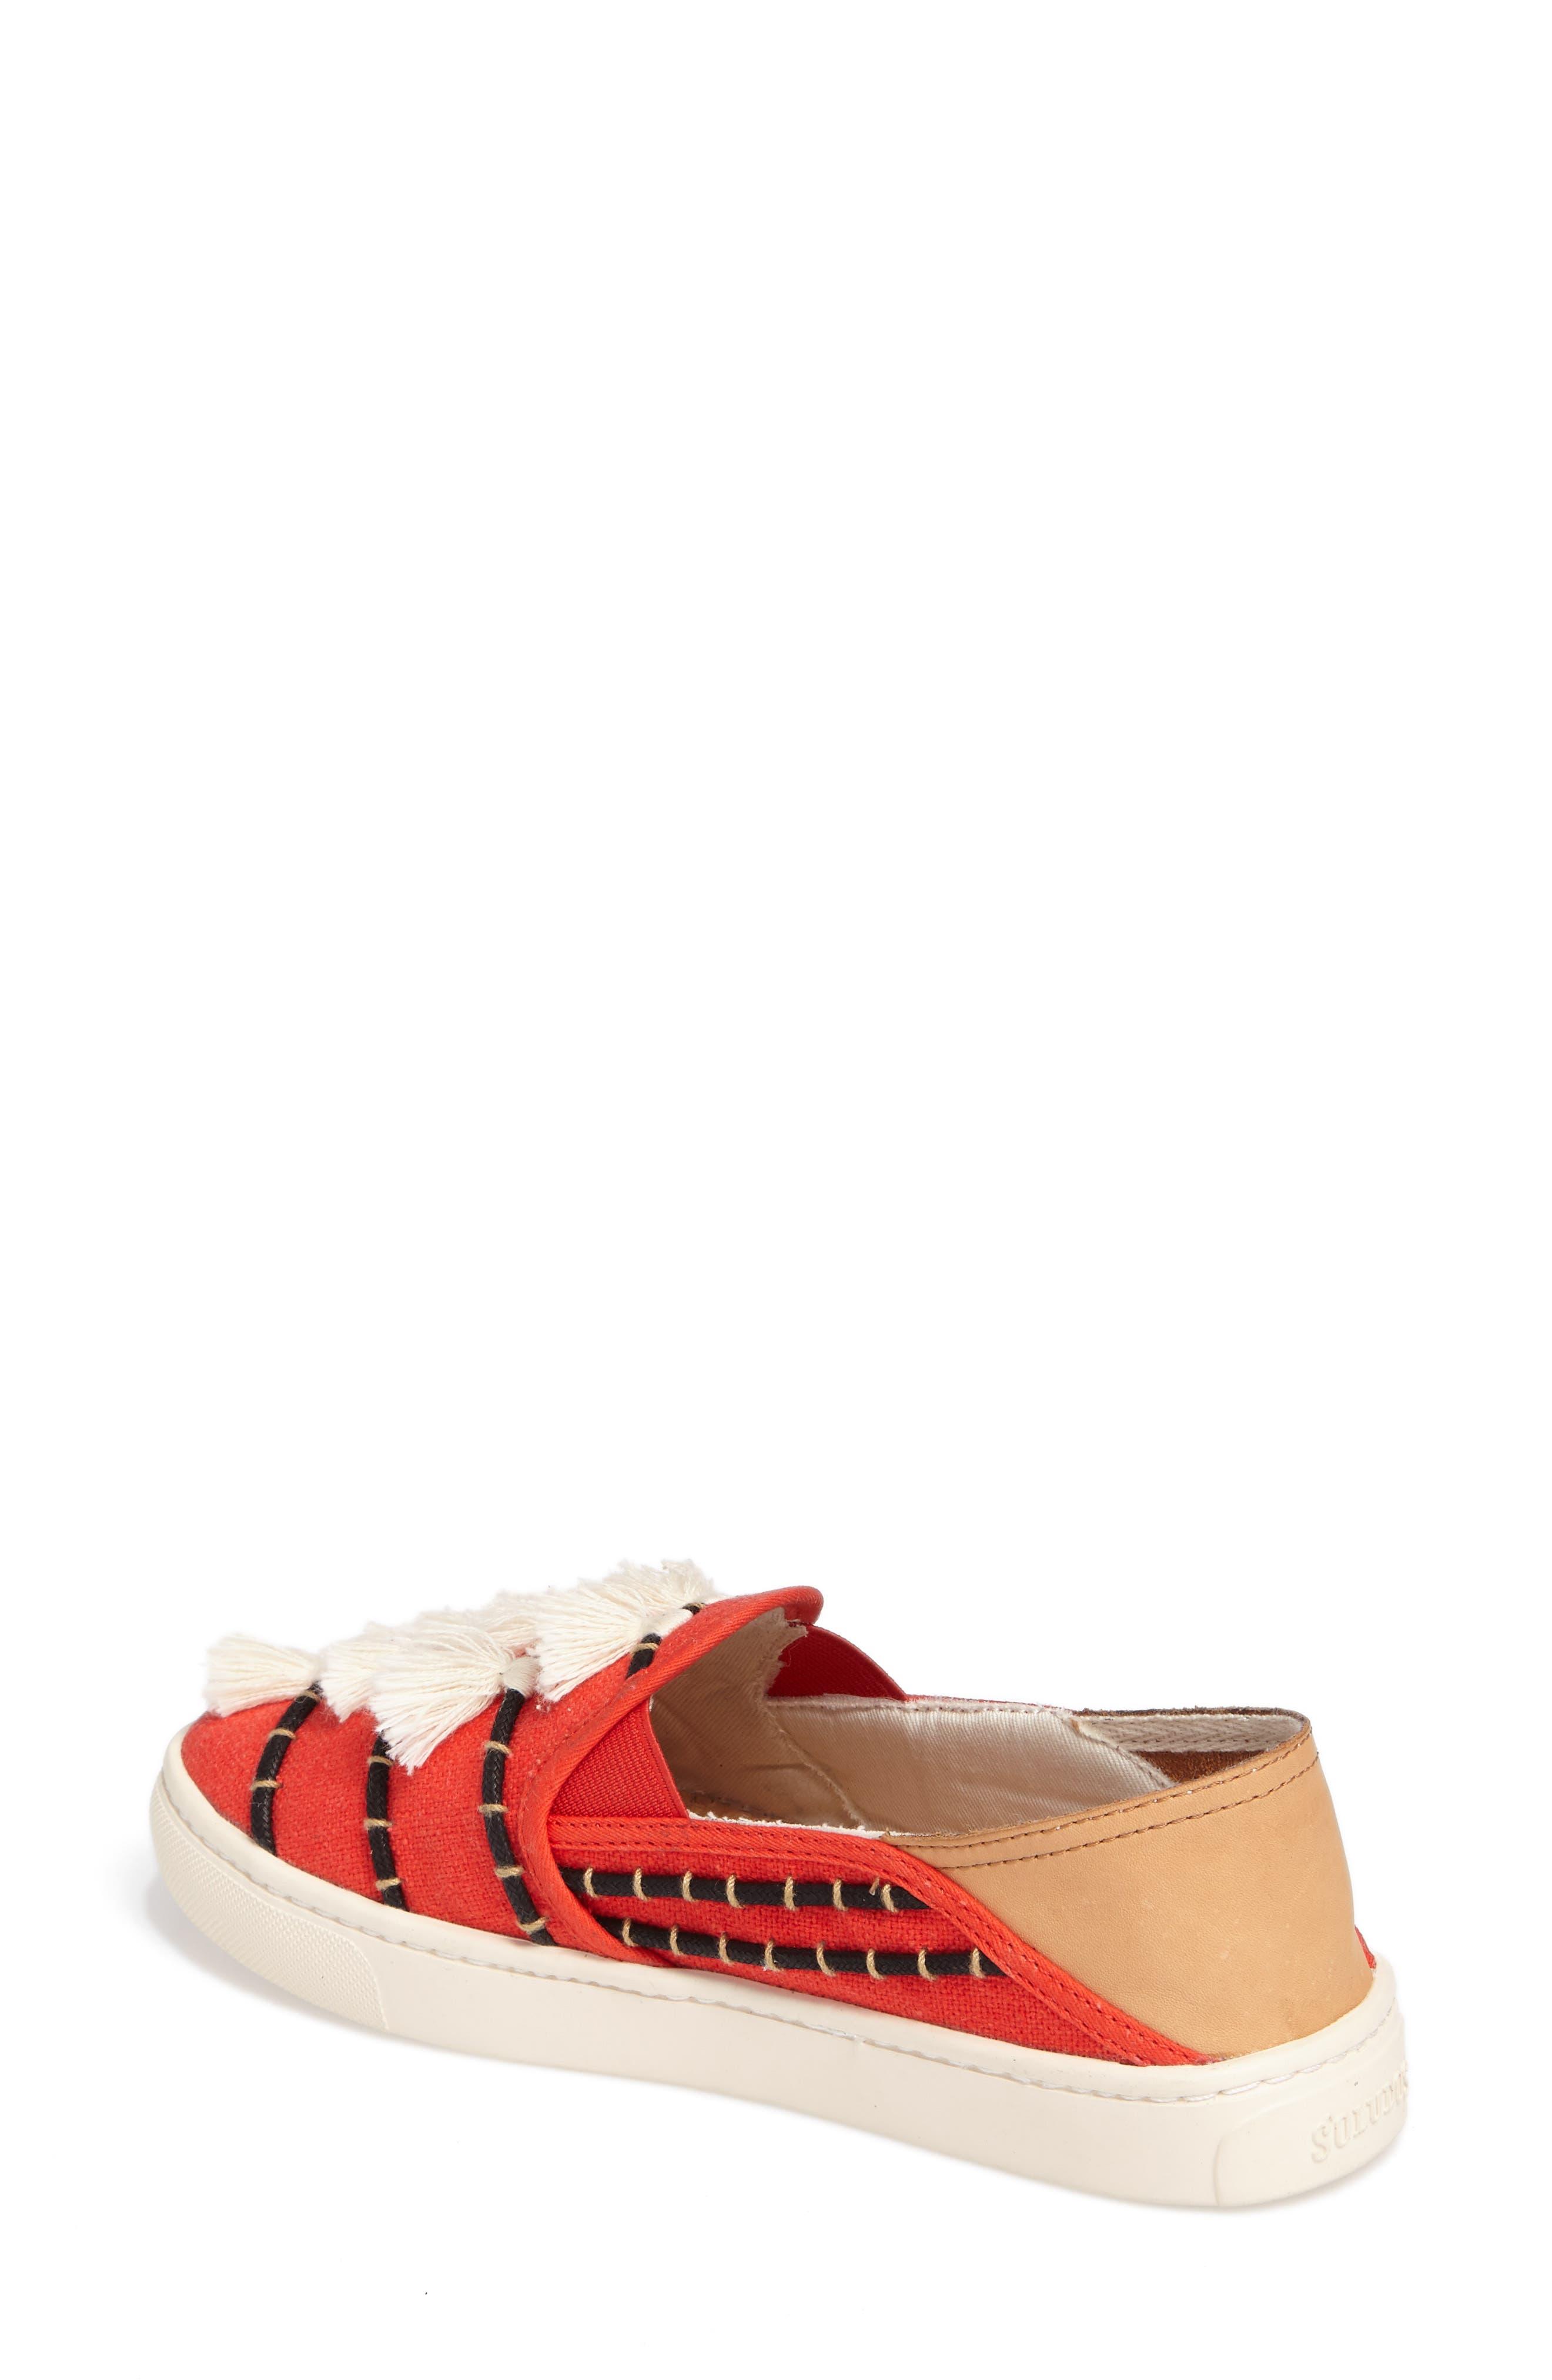 Tassel Slip-On Sneaker,                             Alternate thumbnail 2, color,                             603